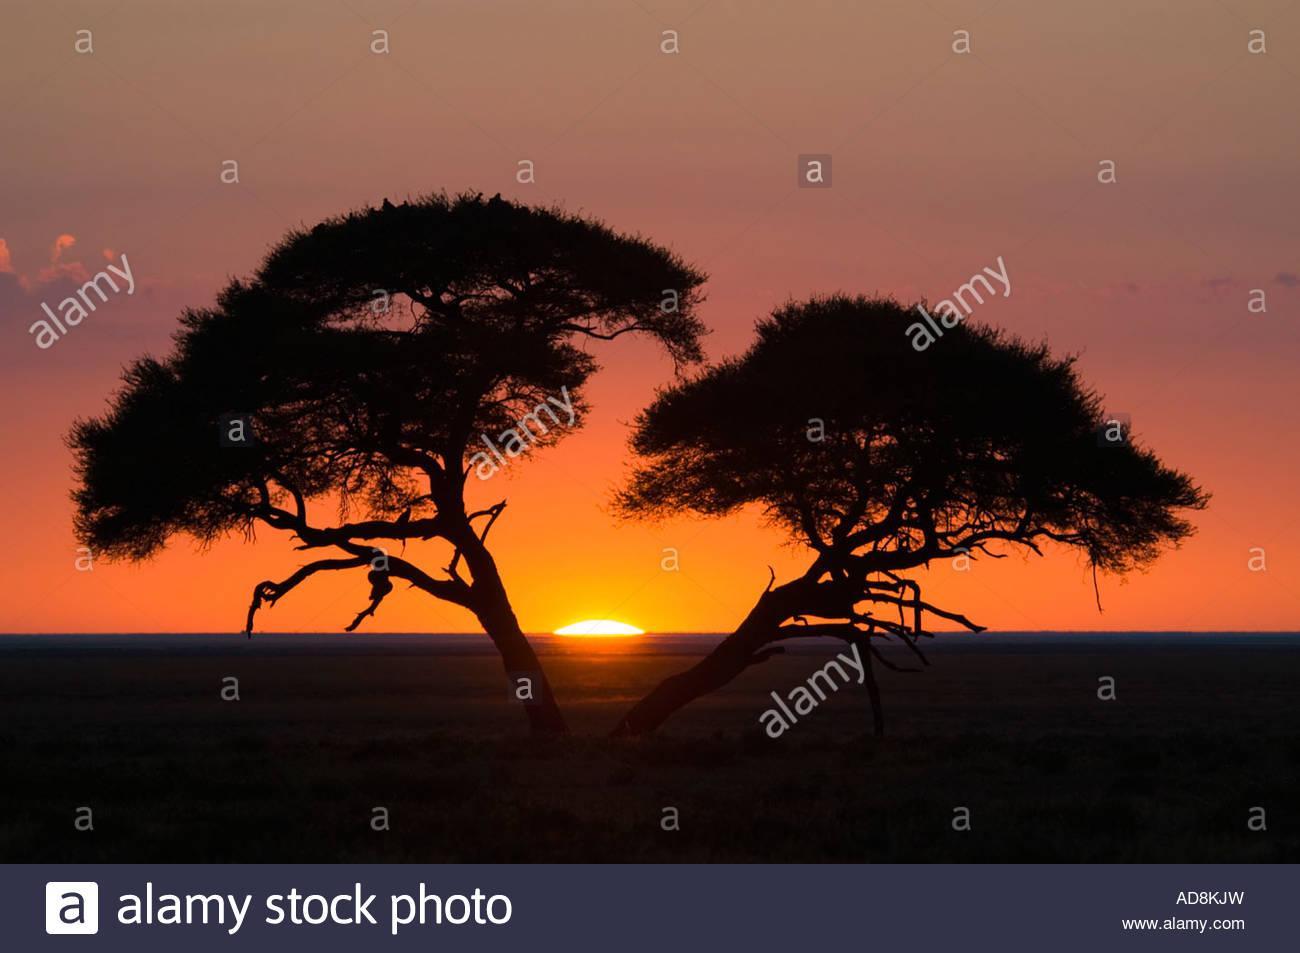 Afrikanischen Sonnenaufgang mit Akazien in der Silhouette. Etosha Nationalpark, Namibia, Afrika Stockbild